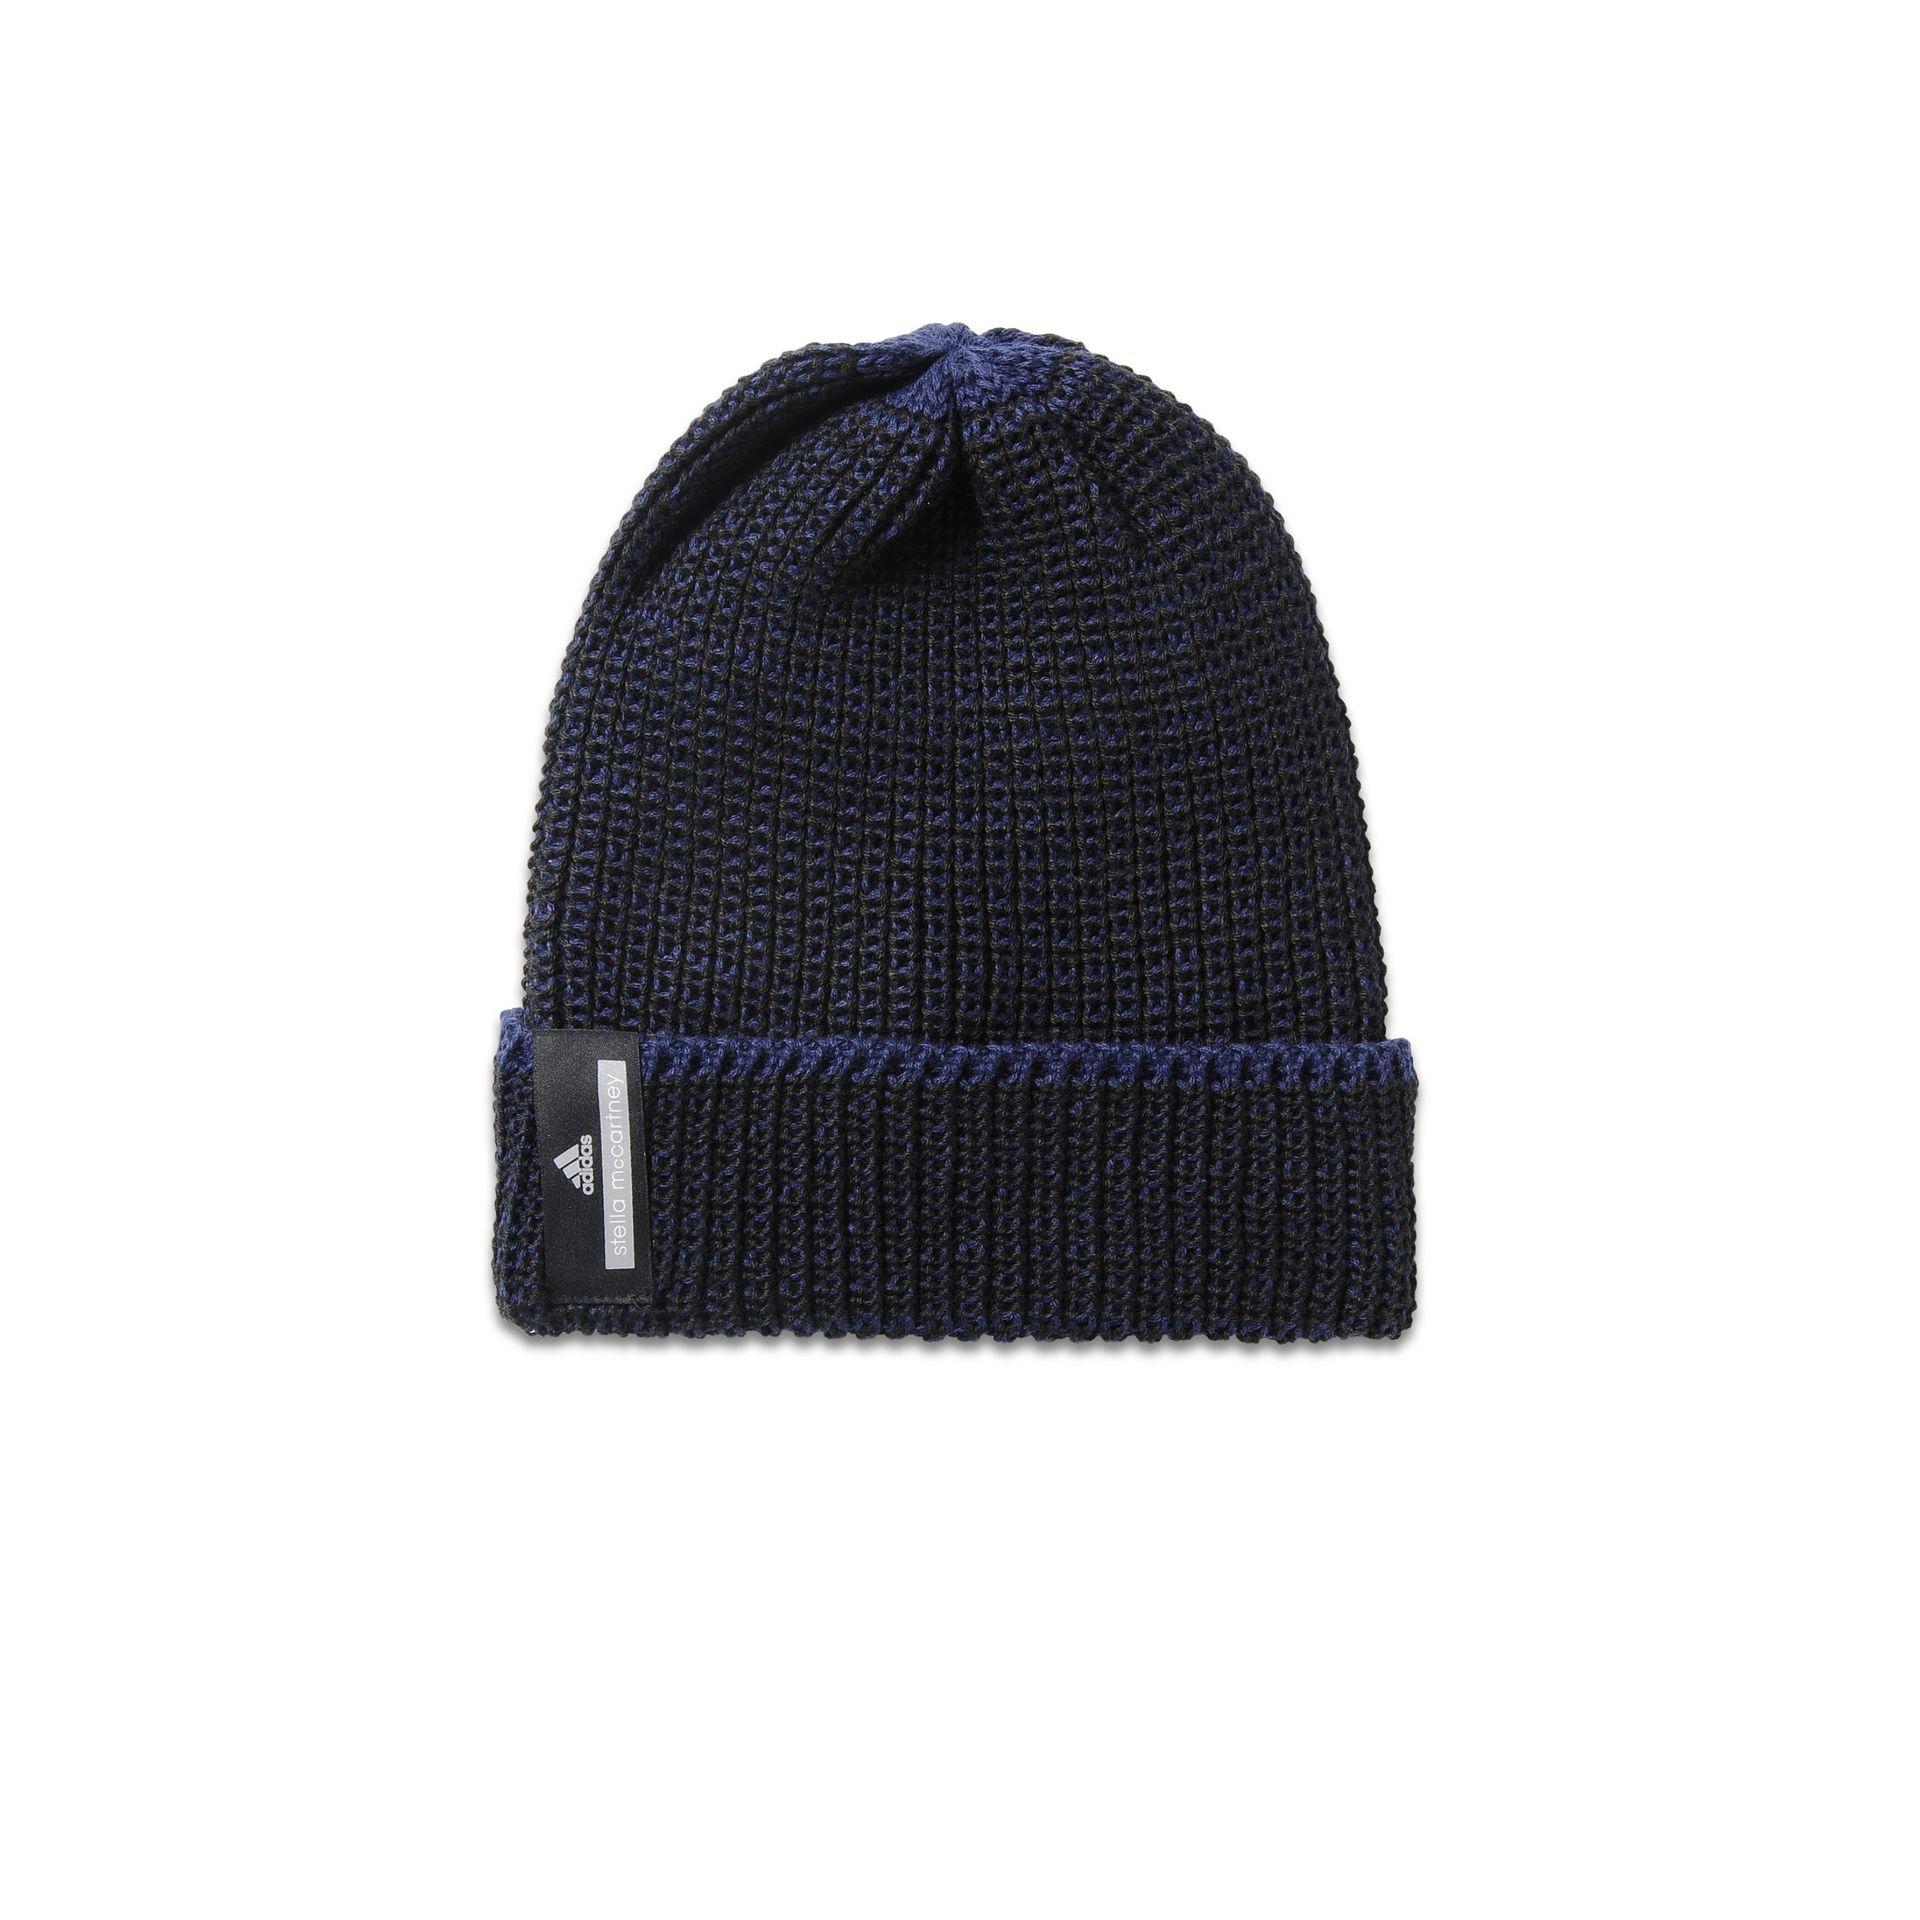 b54dd4132d3c7 Adidas By Stella Mccartney Navy Ski Hat in Blue - Lyst